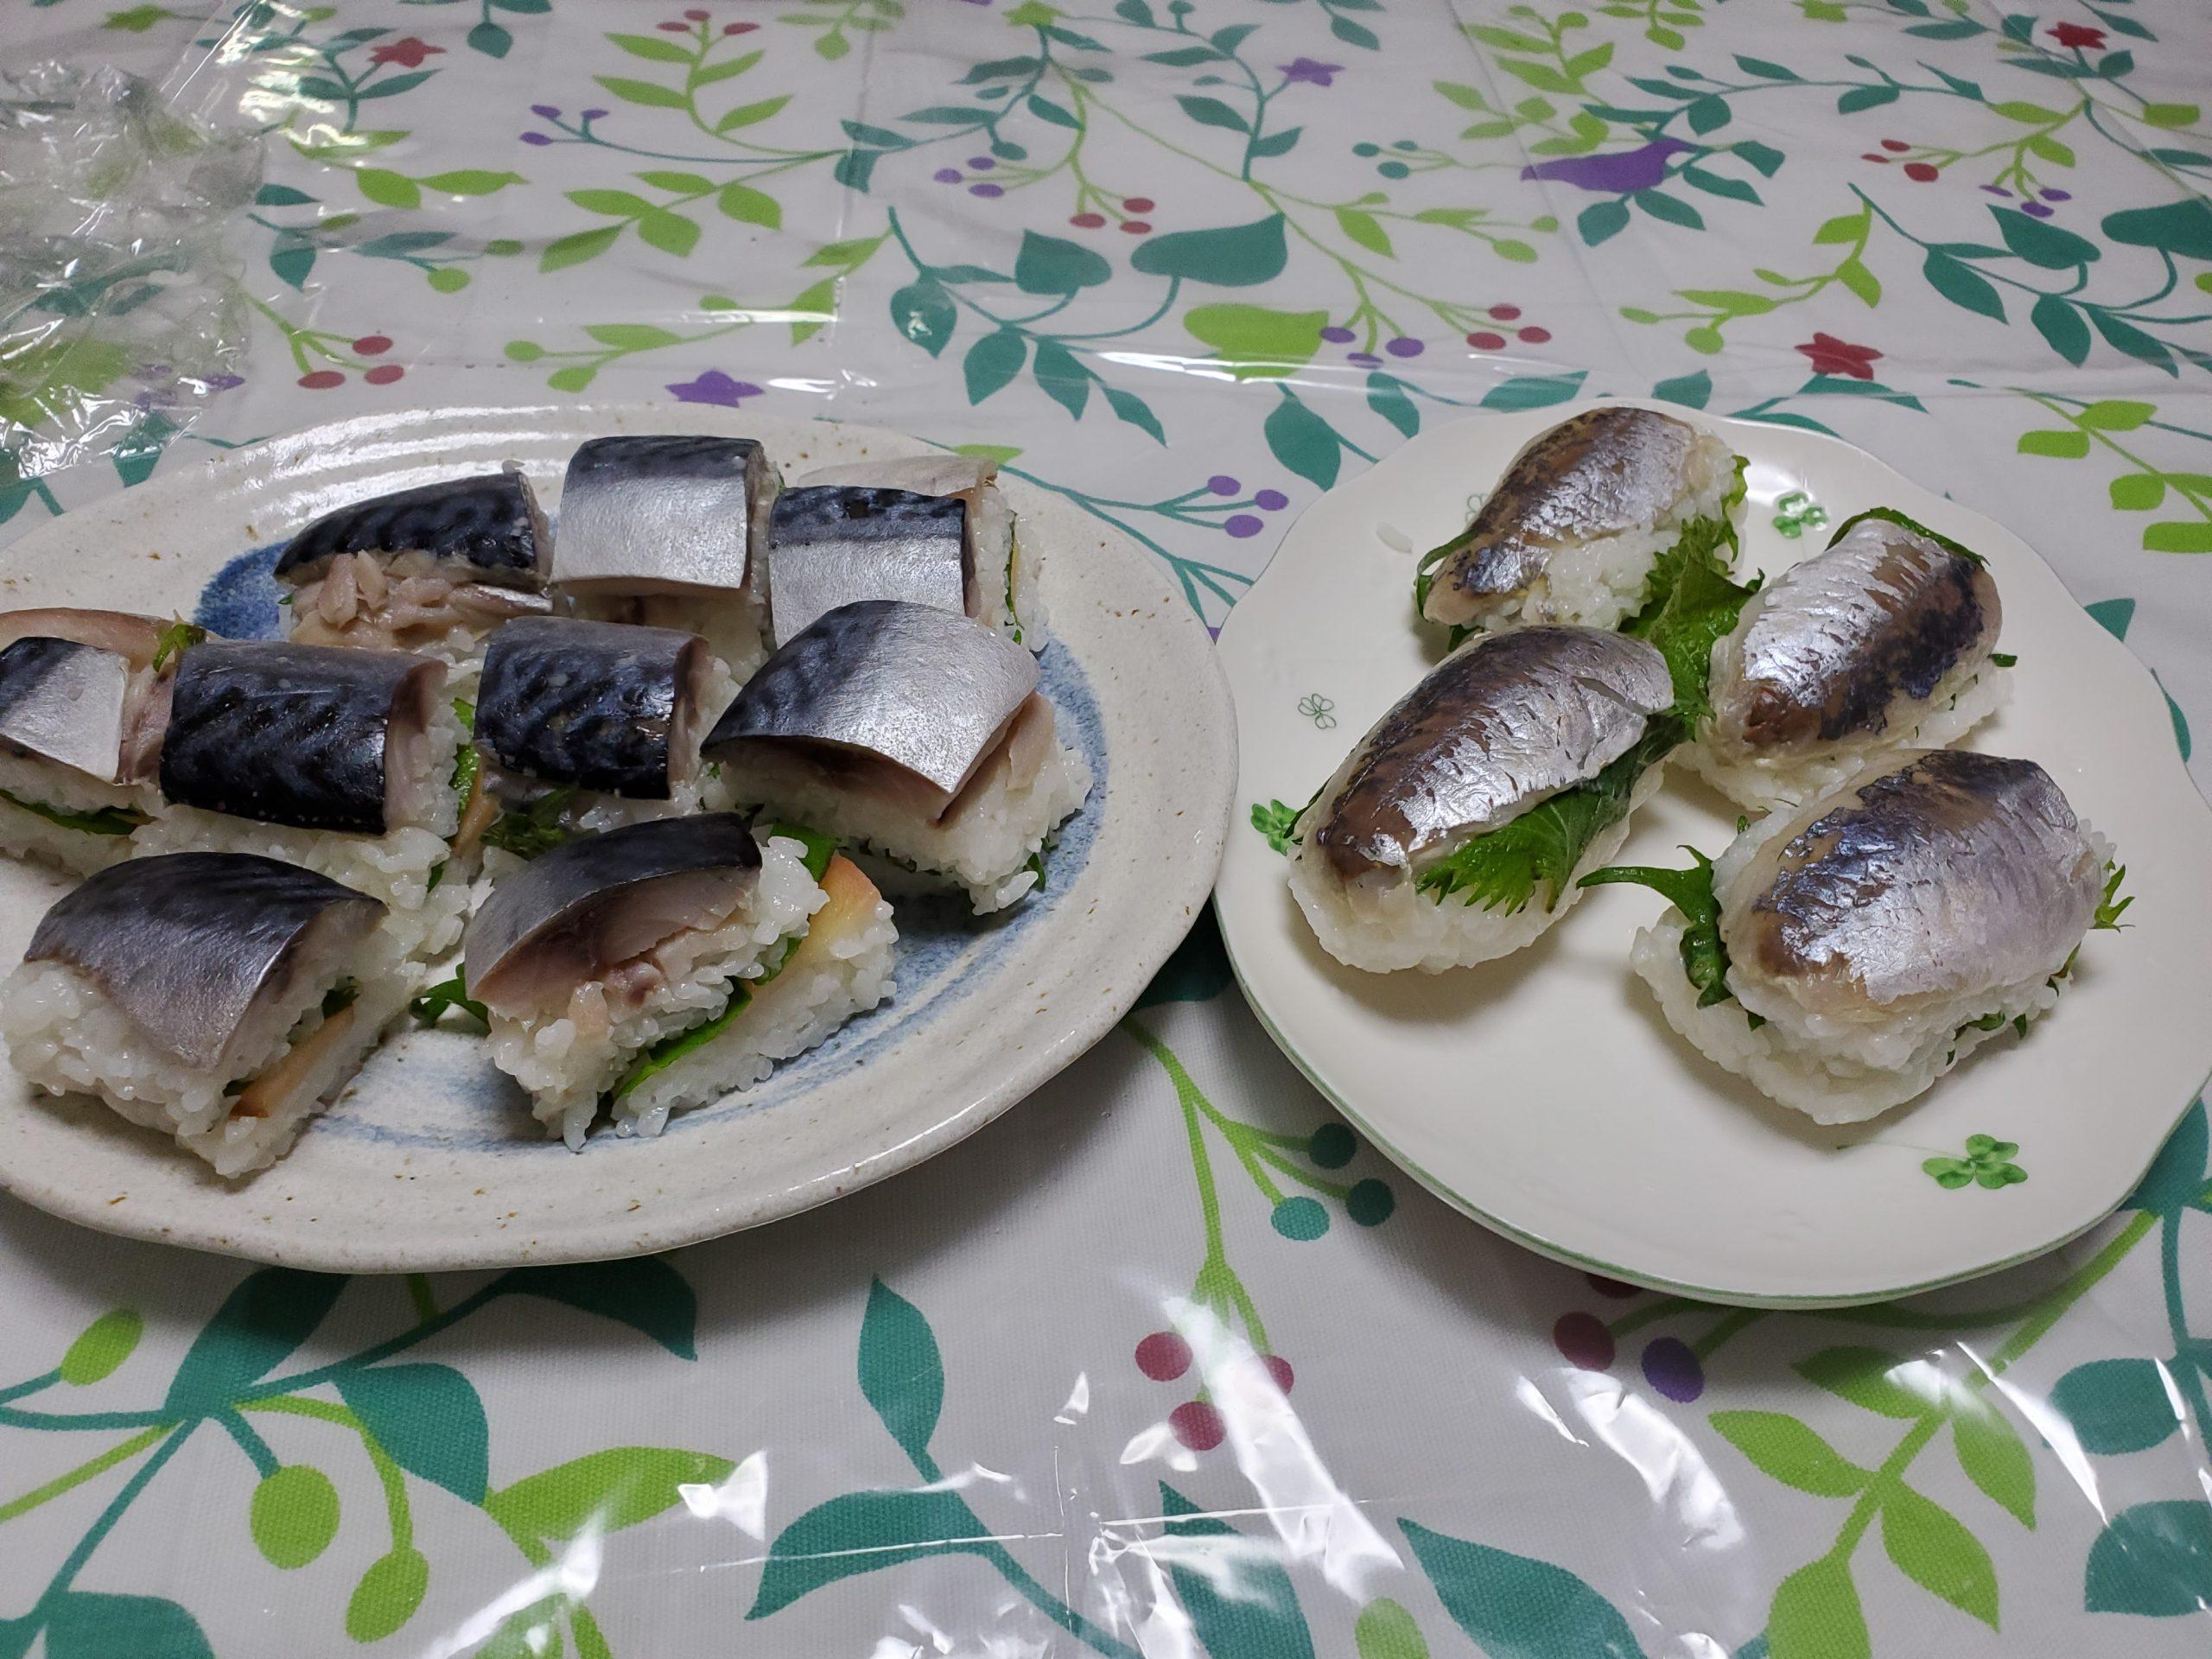 20210418_113159藤井資恵 鯖寿司